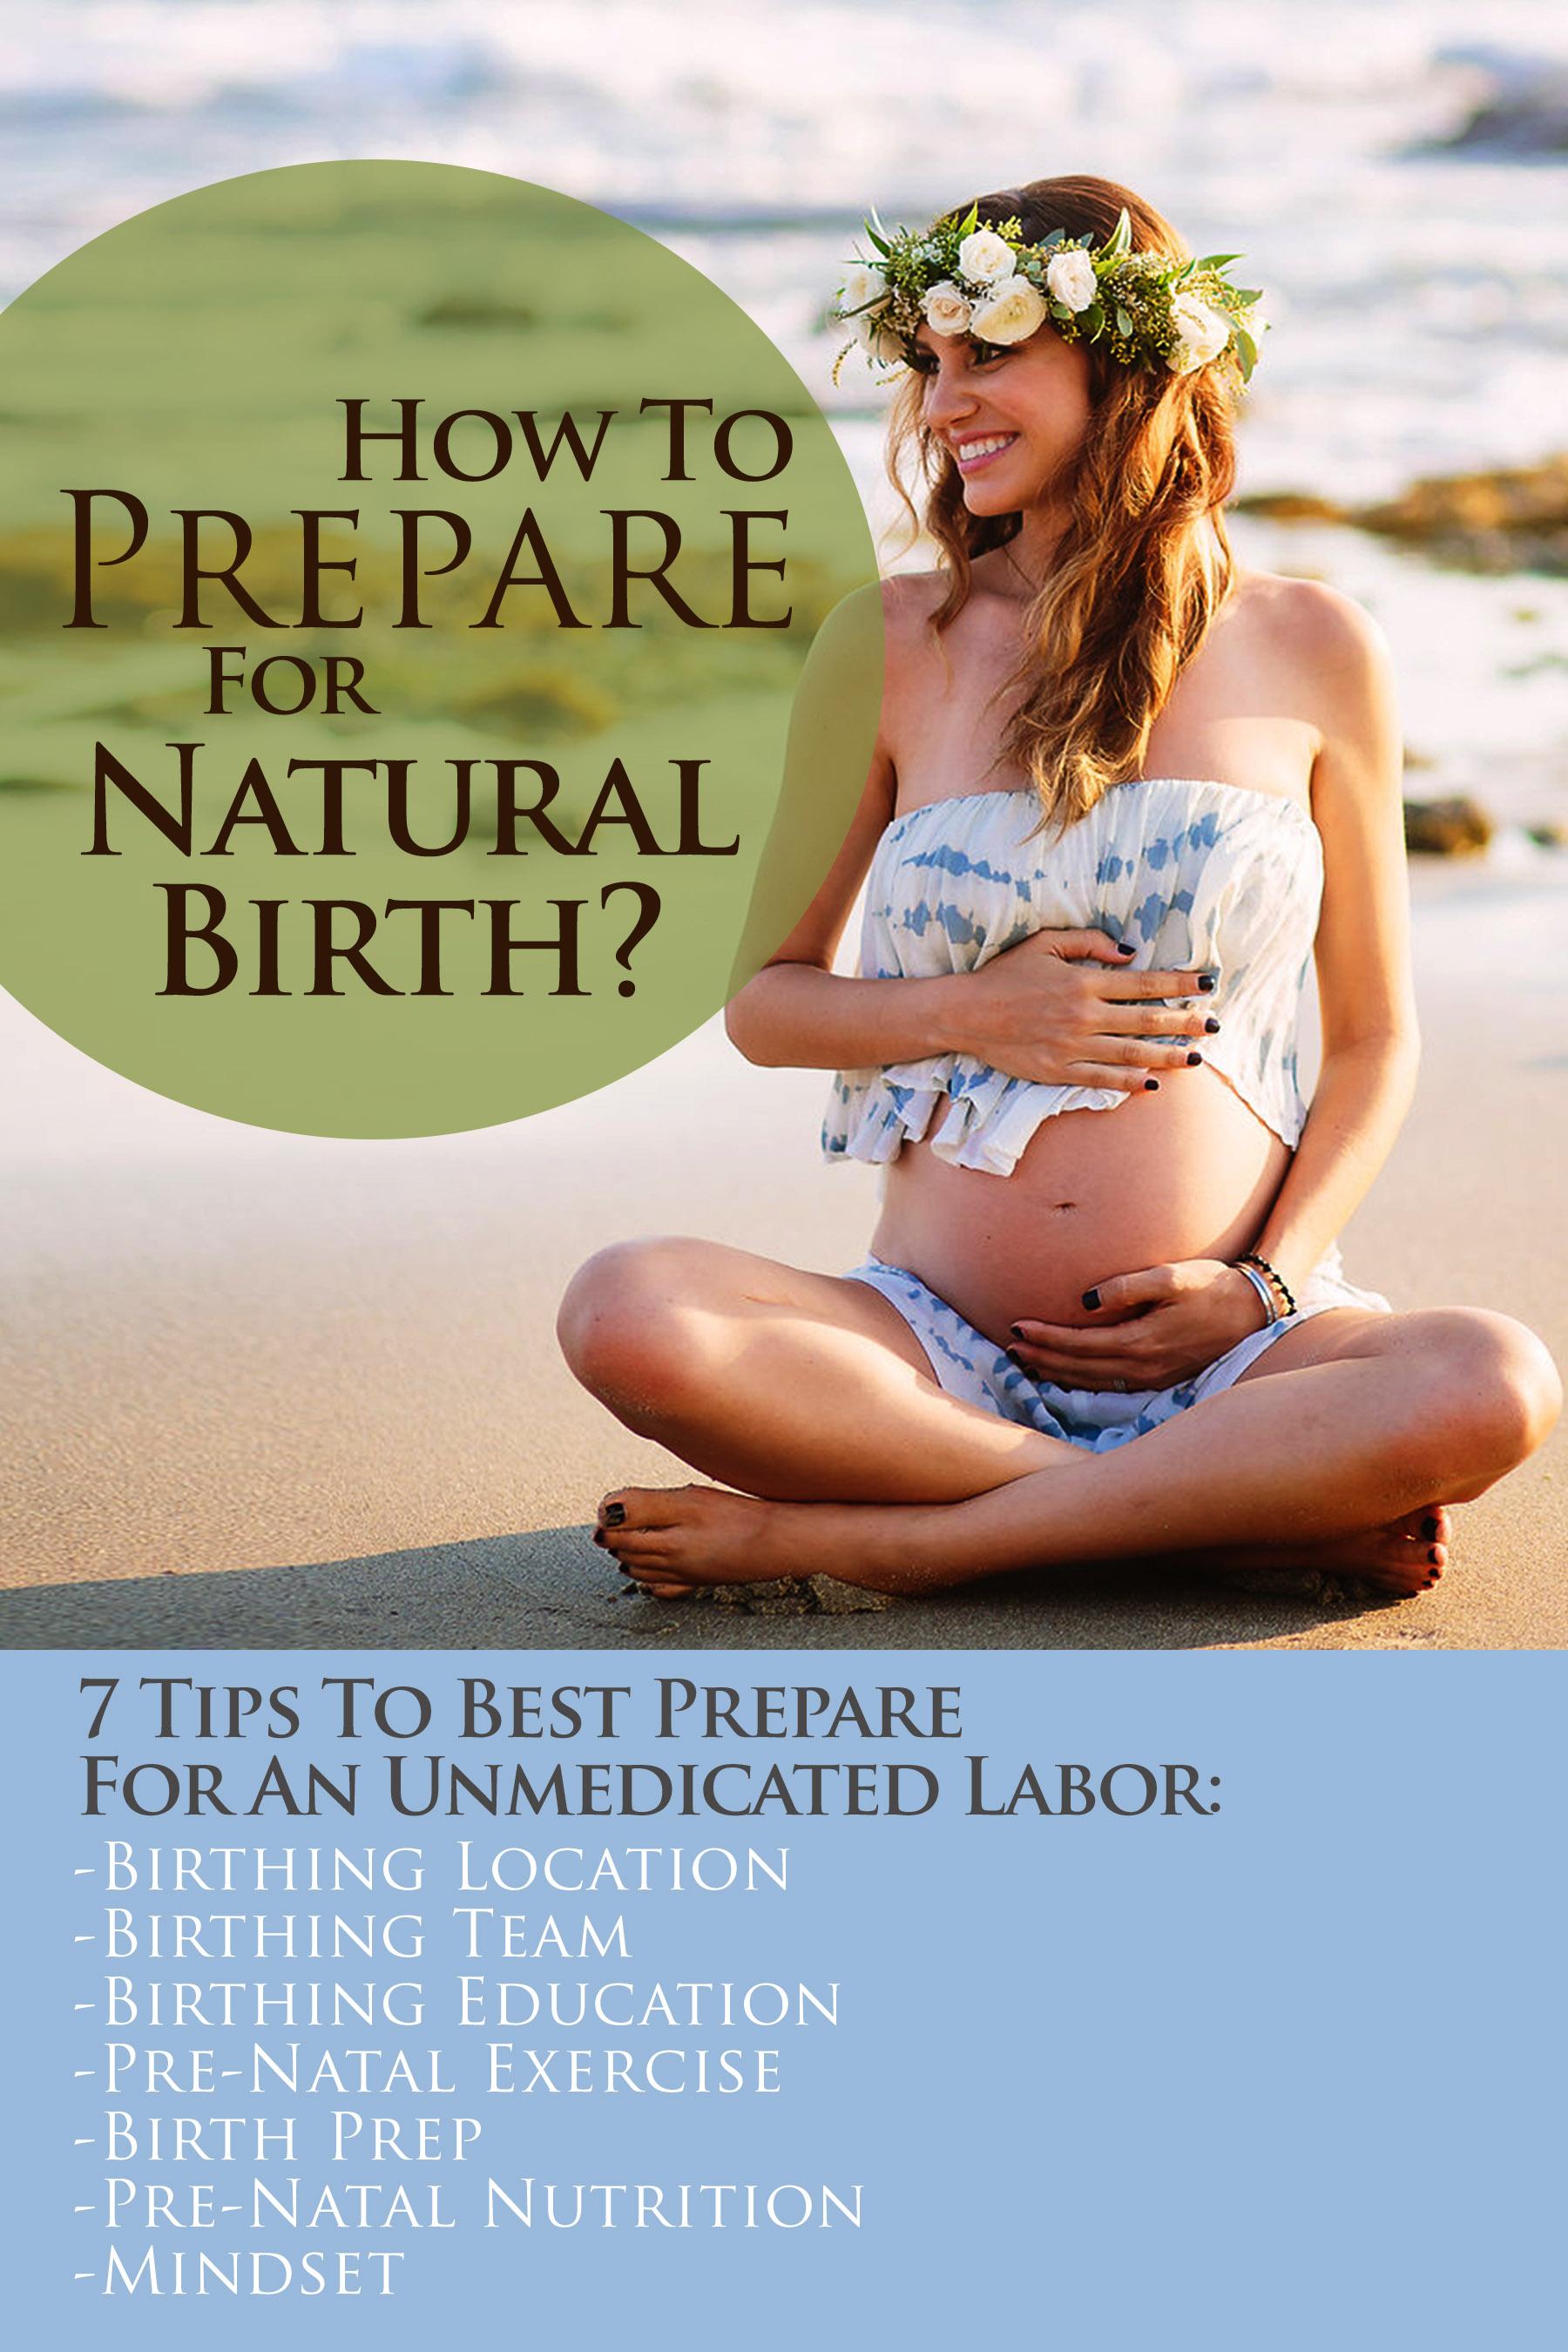 naturalbirth.jpg